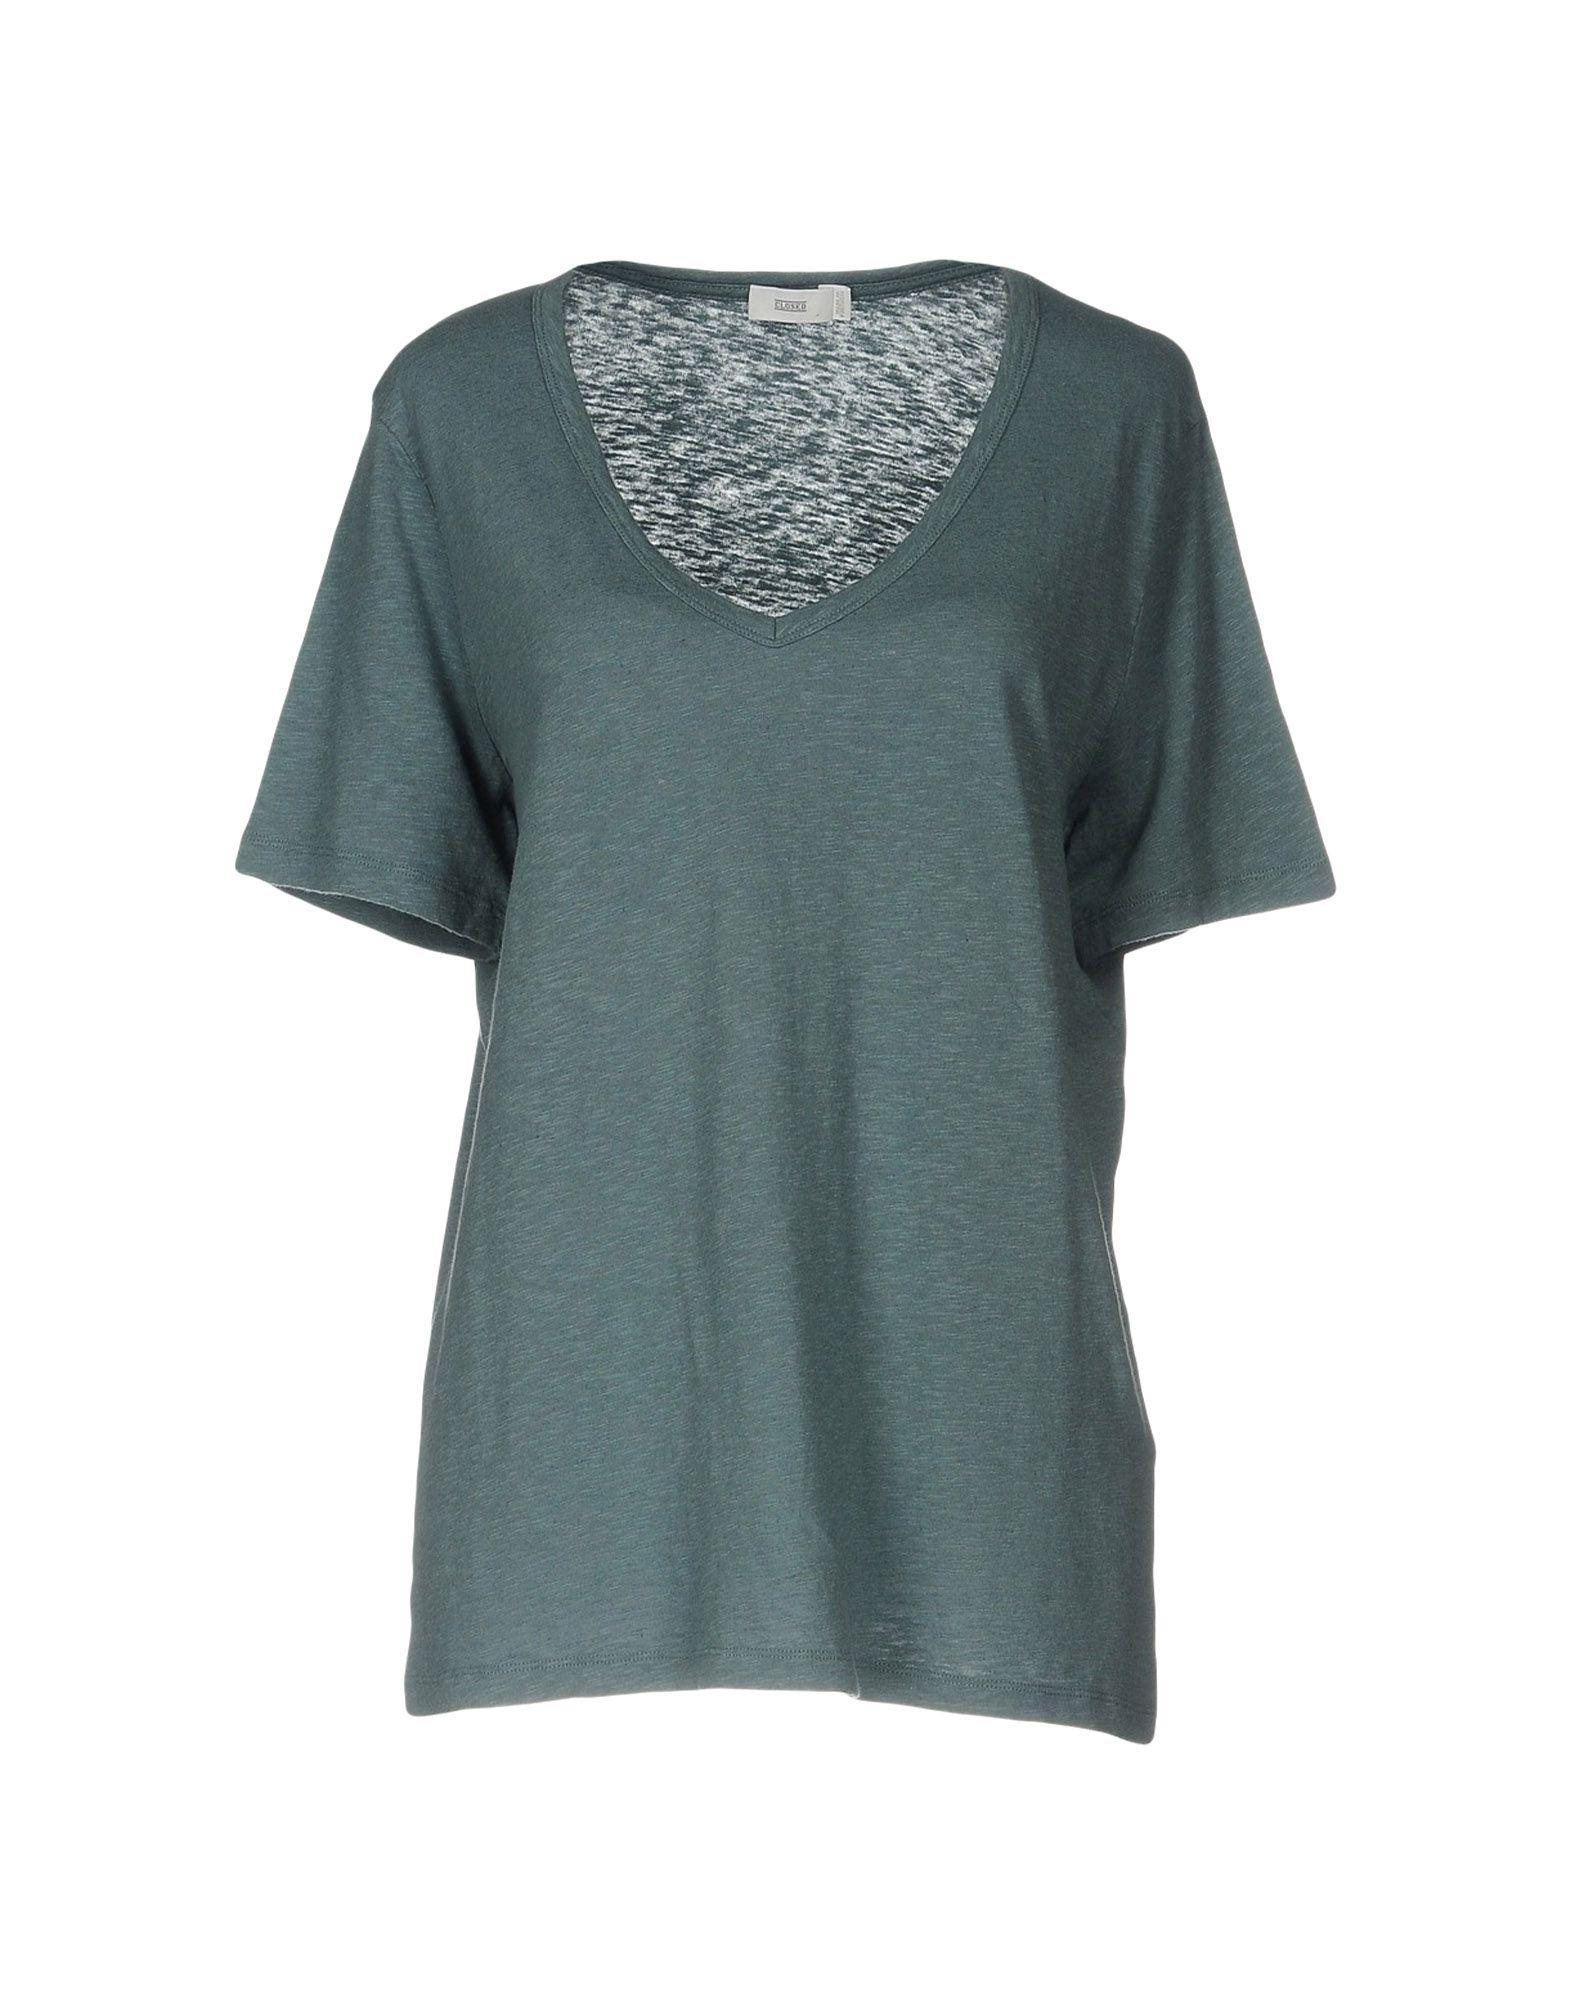 CLOSED Damen T-shirts Farbe Grau Größe 6